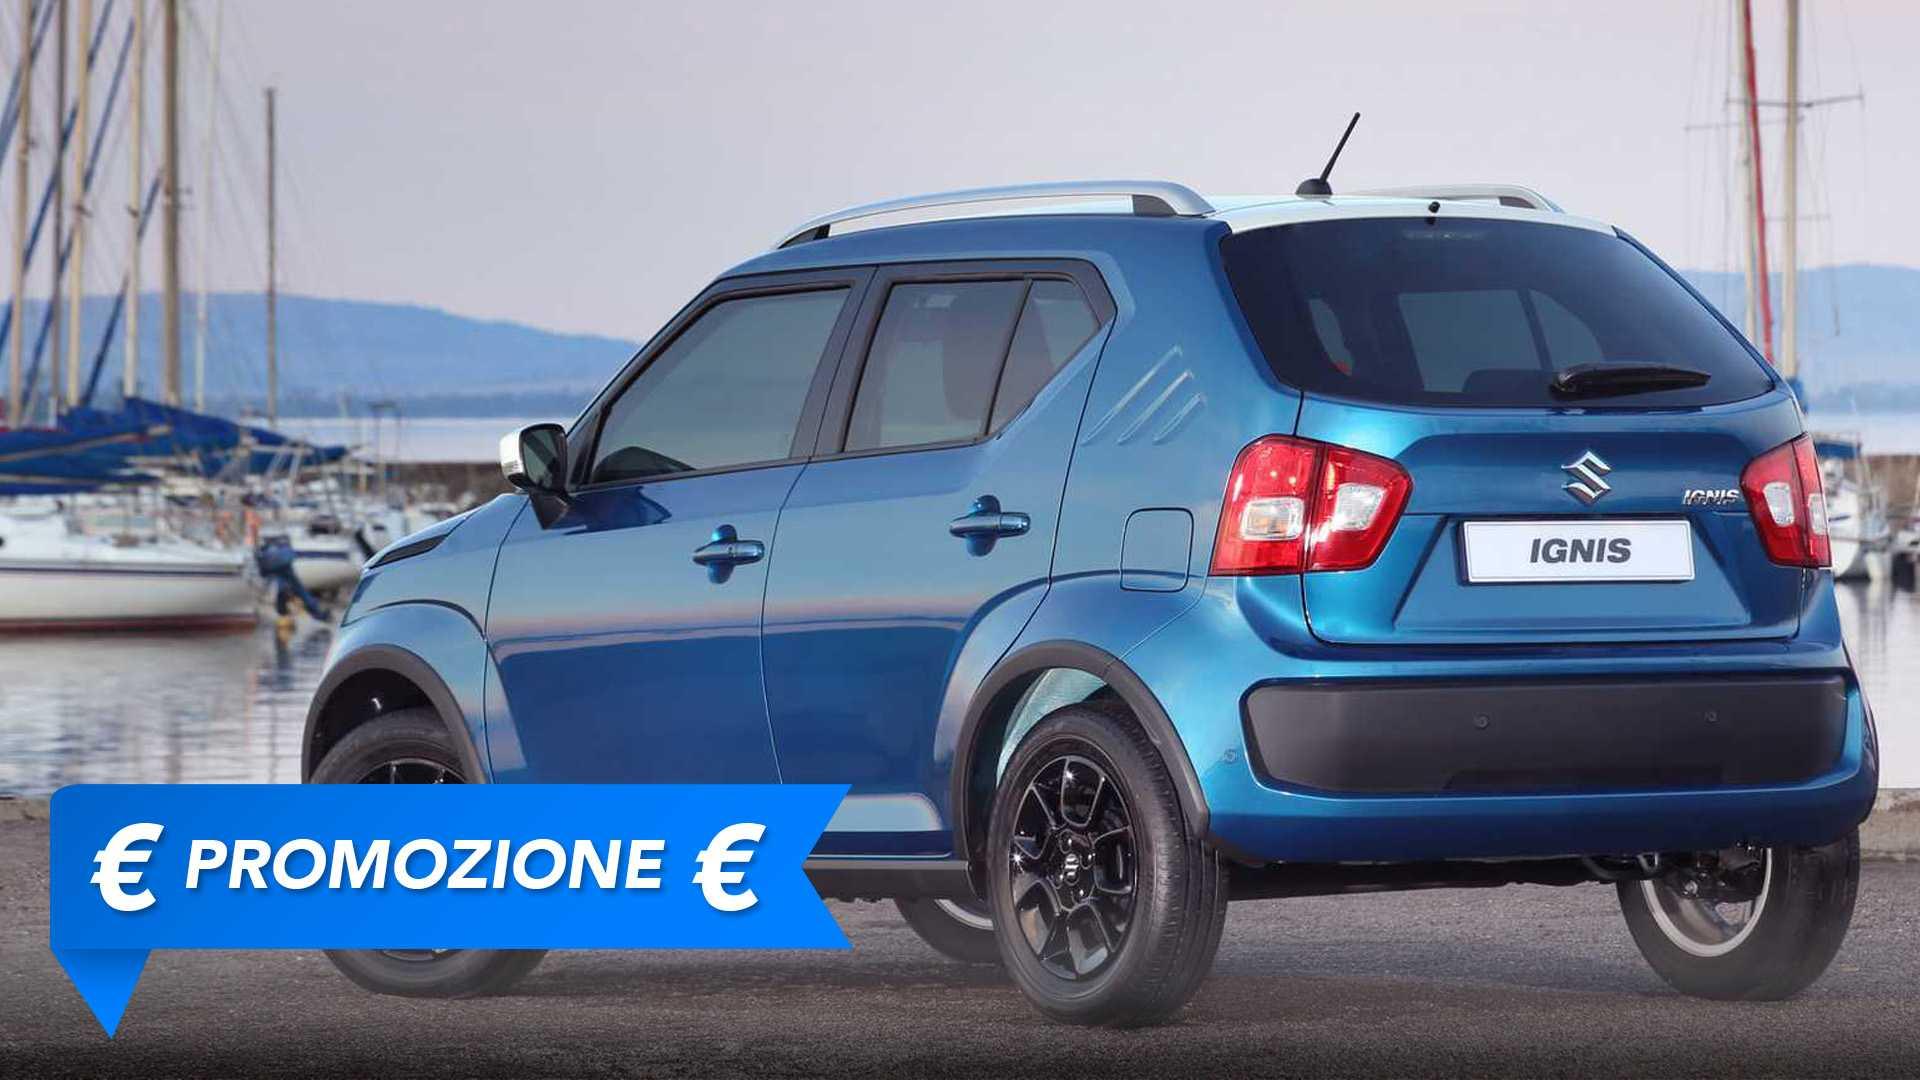 Promozione Suzuki Solutions, perché conviene e perché no